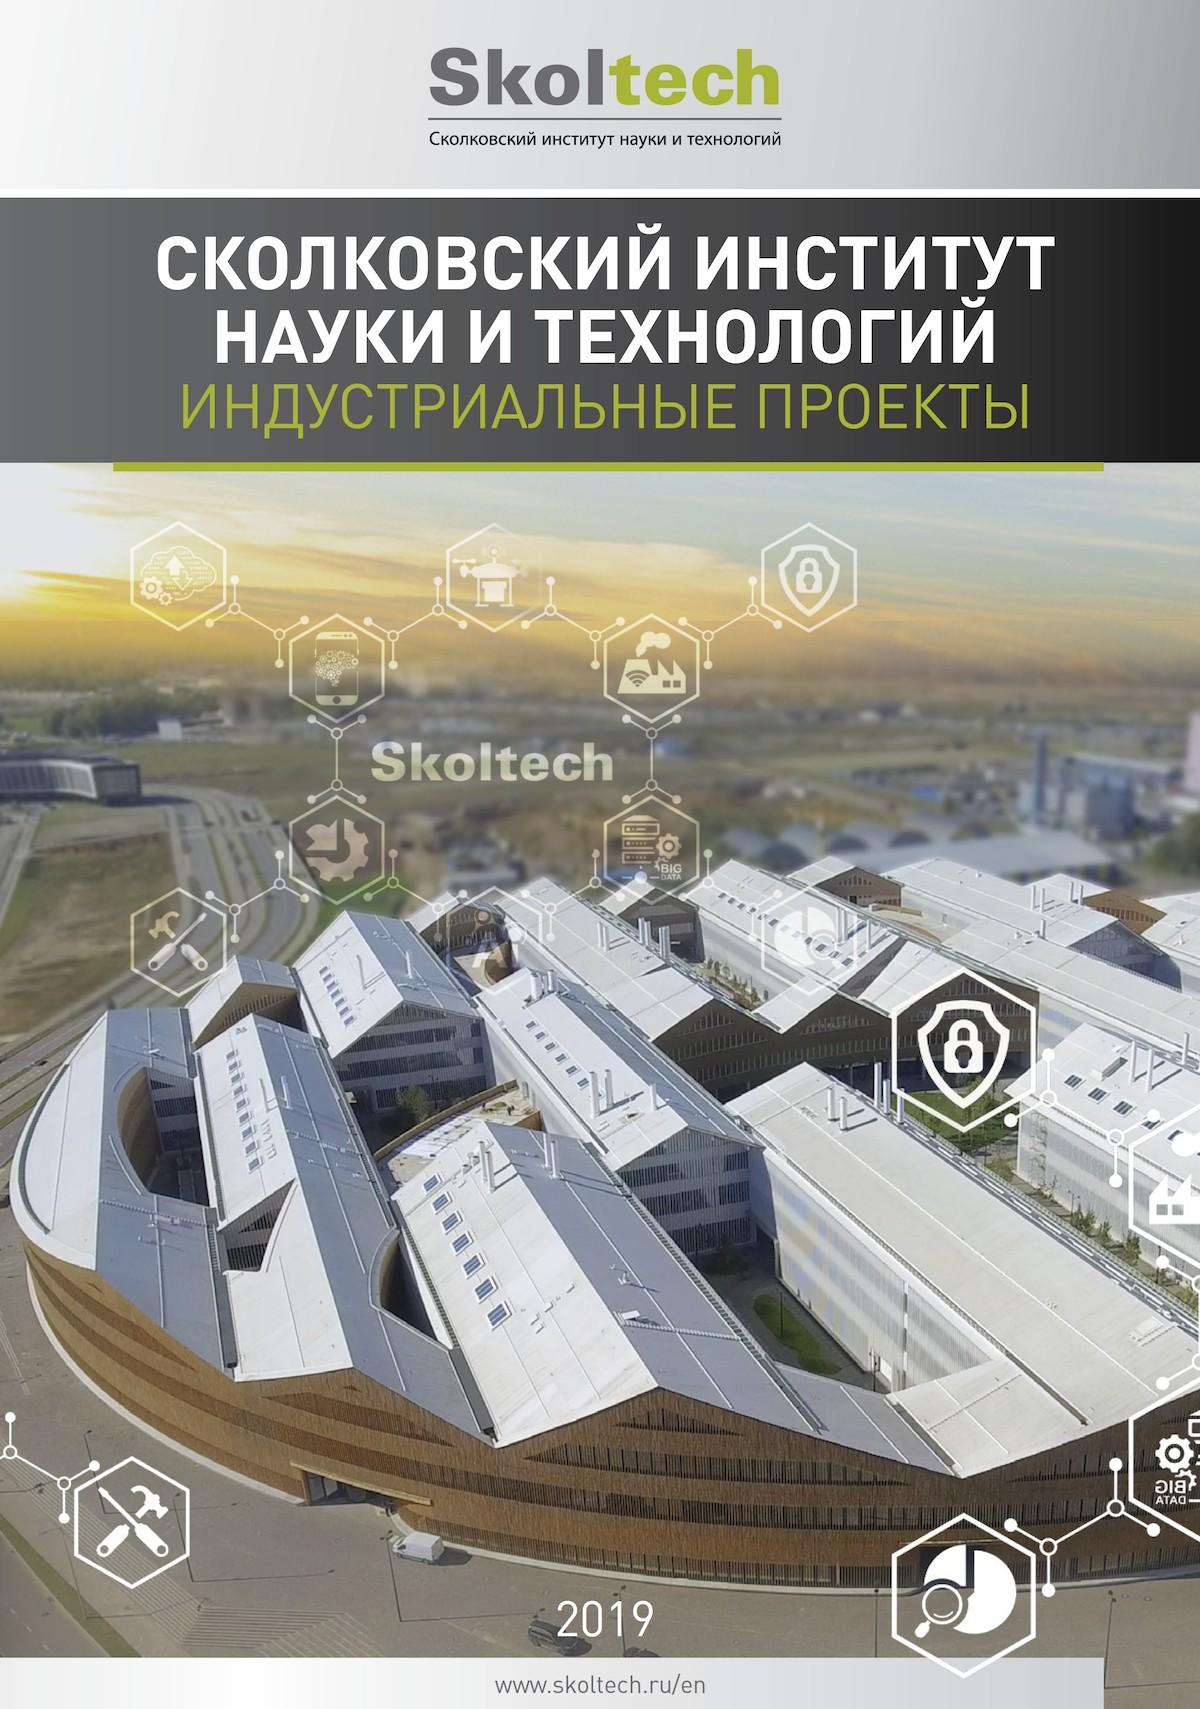 snimok-ekrana-2020-03-11-v-11-21-48